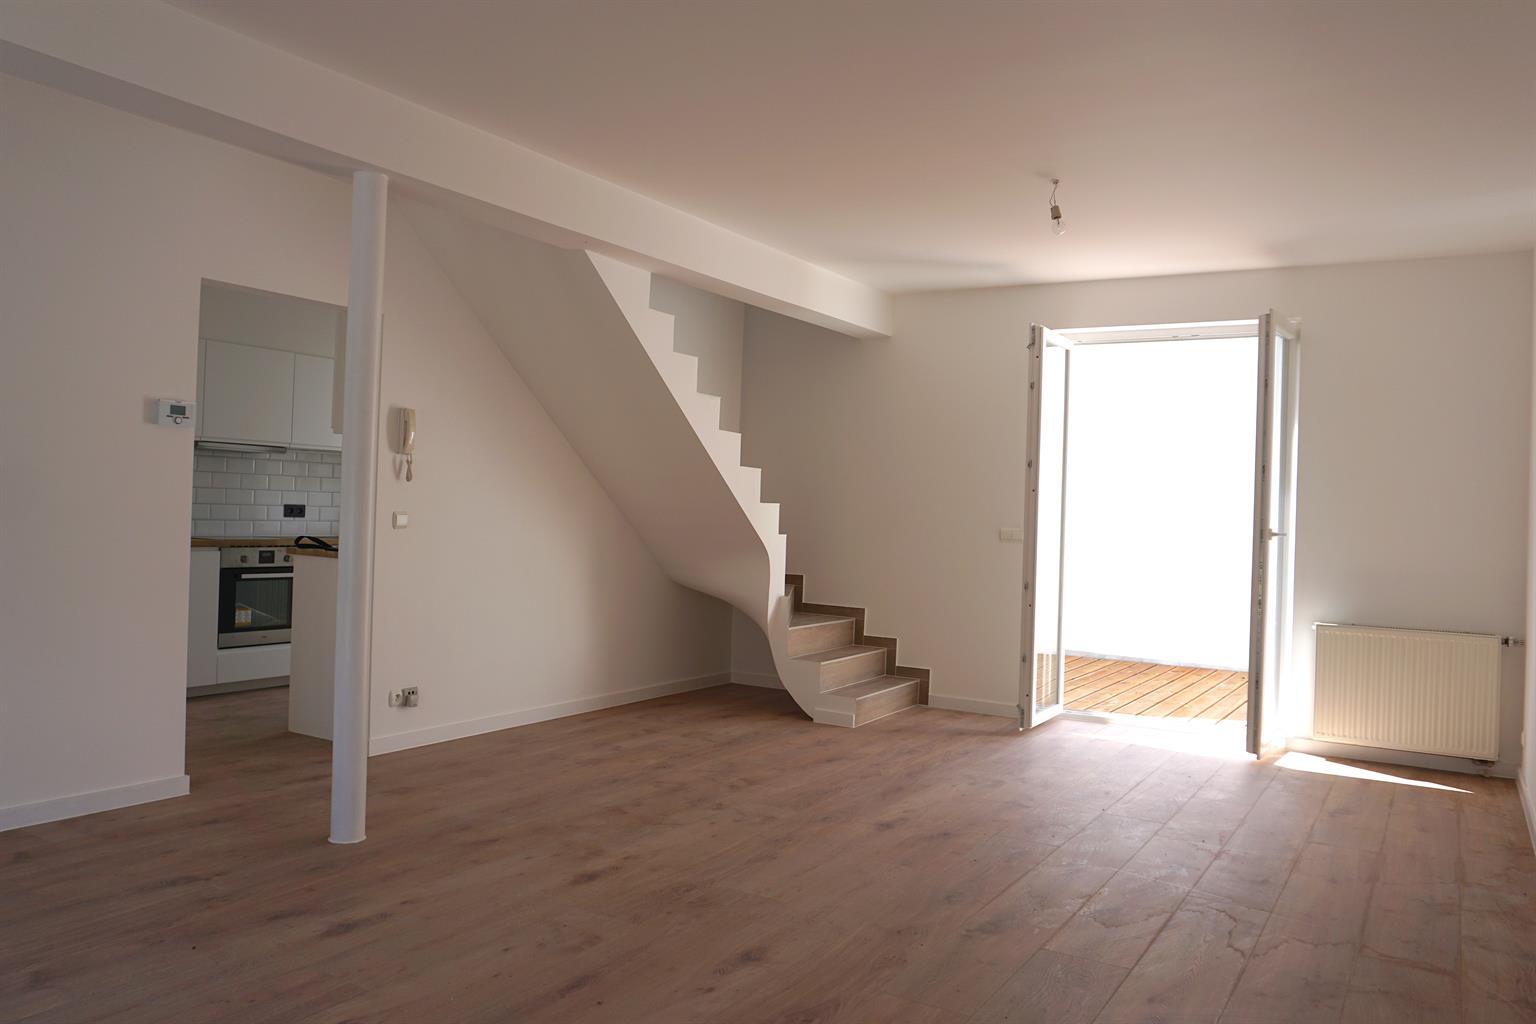 Maison - Genappe - #4142248-3